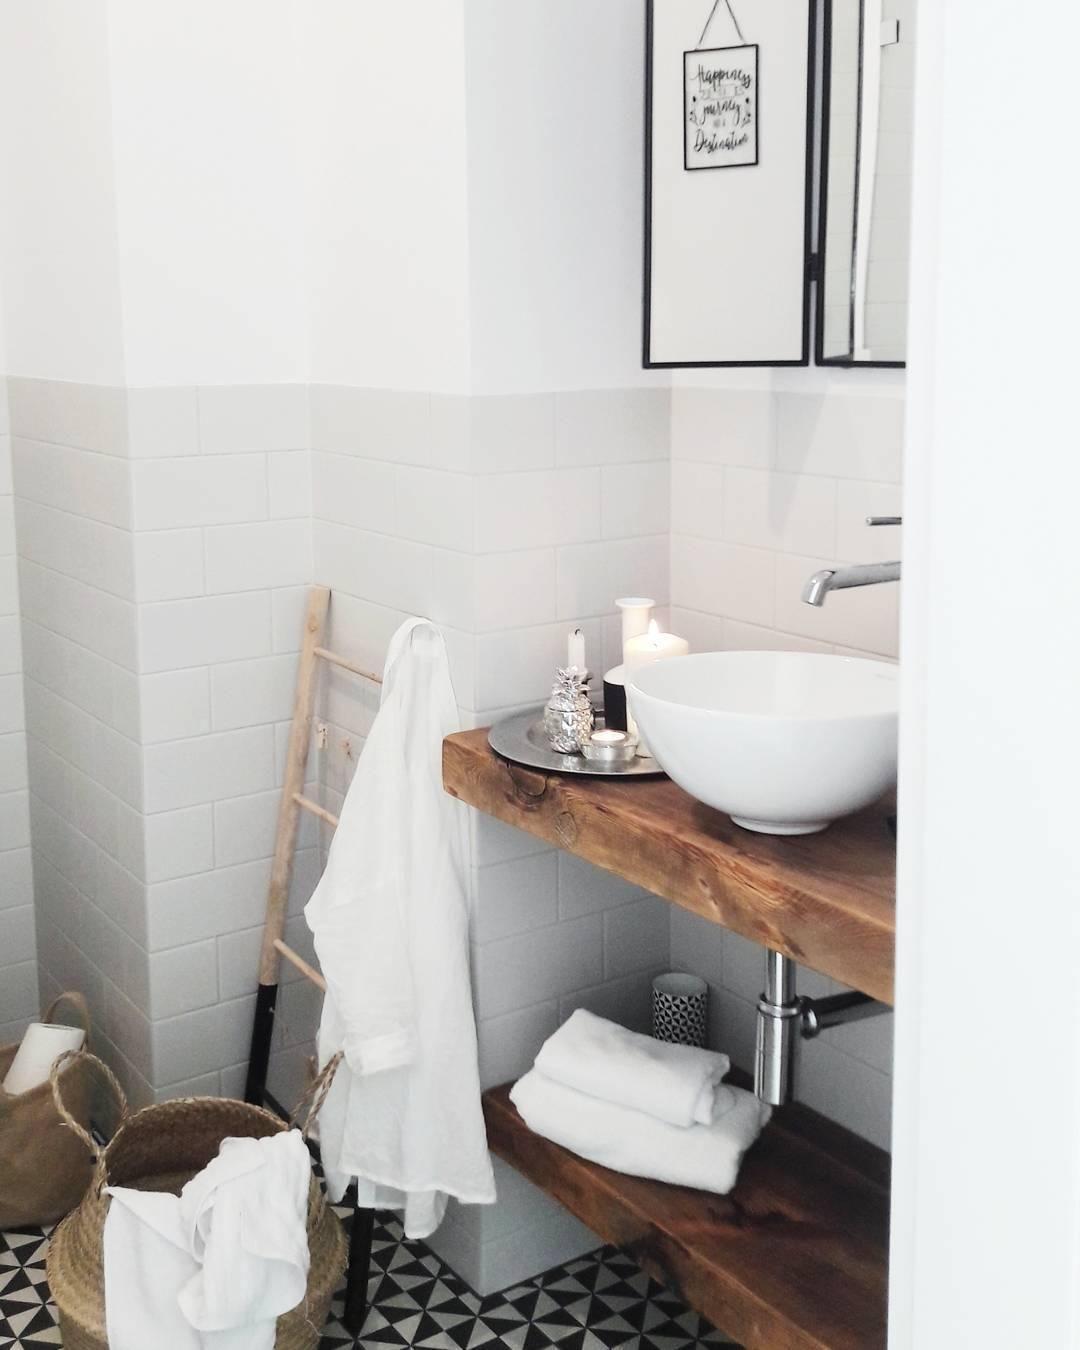 Auch Im Badezimmer Durfen Stylische Wohnaccessoires Nicht Fehlen Hubsch Dekoriert Auf Dem Glanzenden Tablett Frede Bad Inspiration Badezimmer Klein Badezimmer